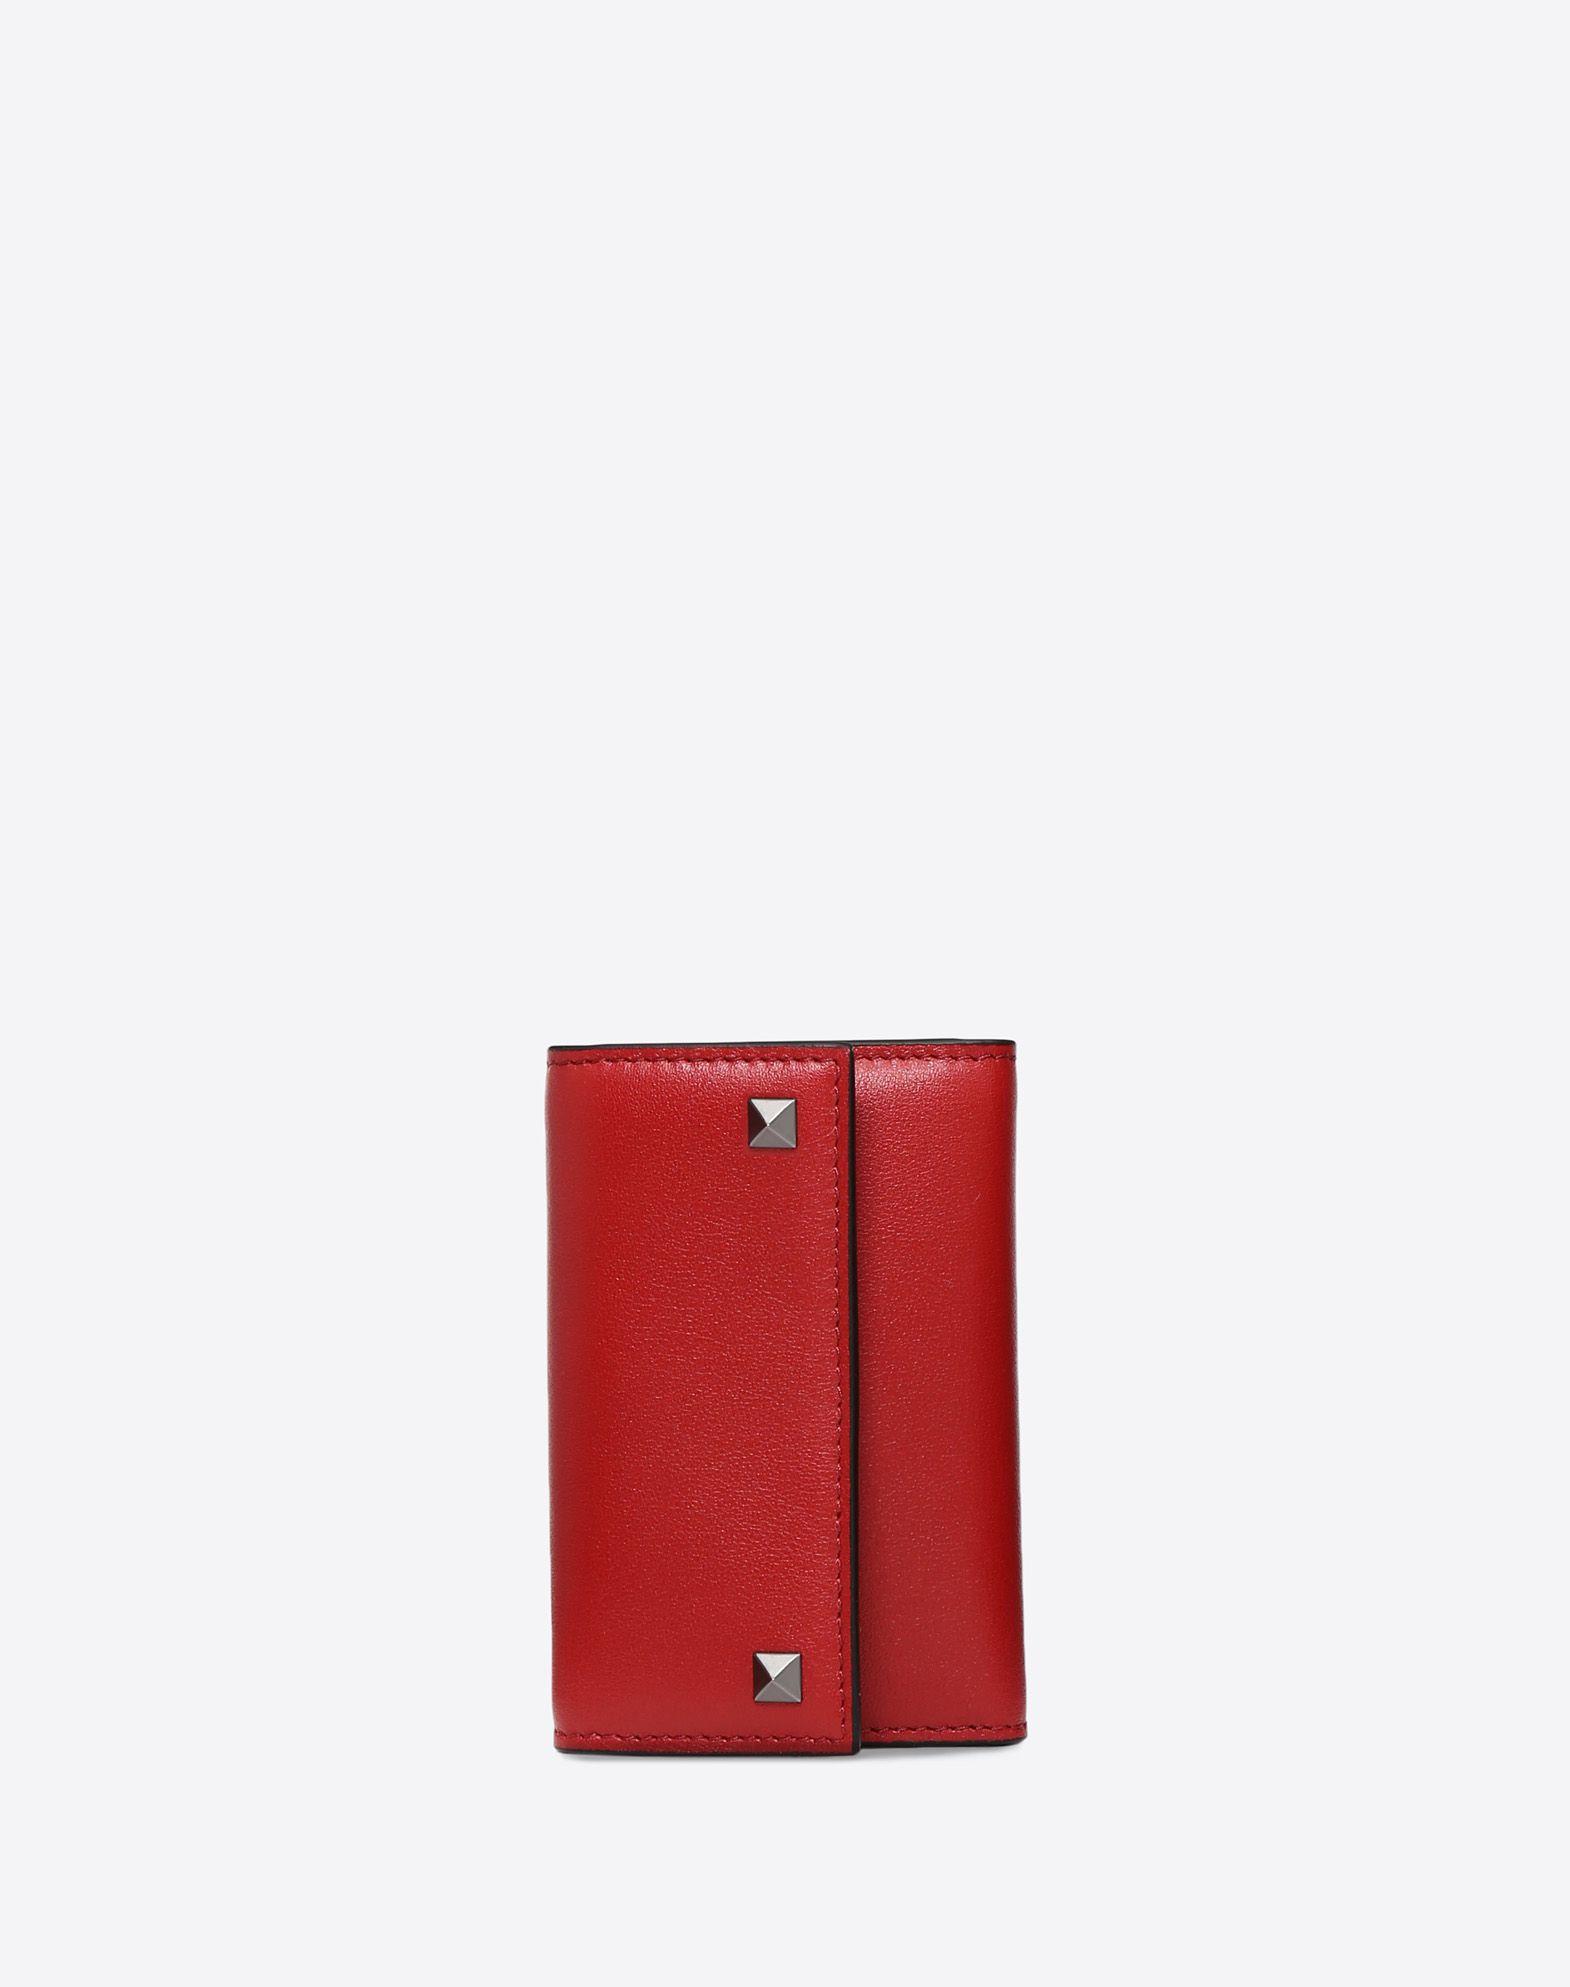 VALENTINO Solid colour Logo Snap button closure  46582445tr